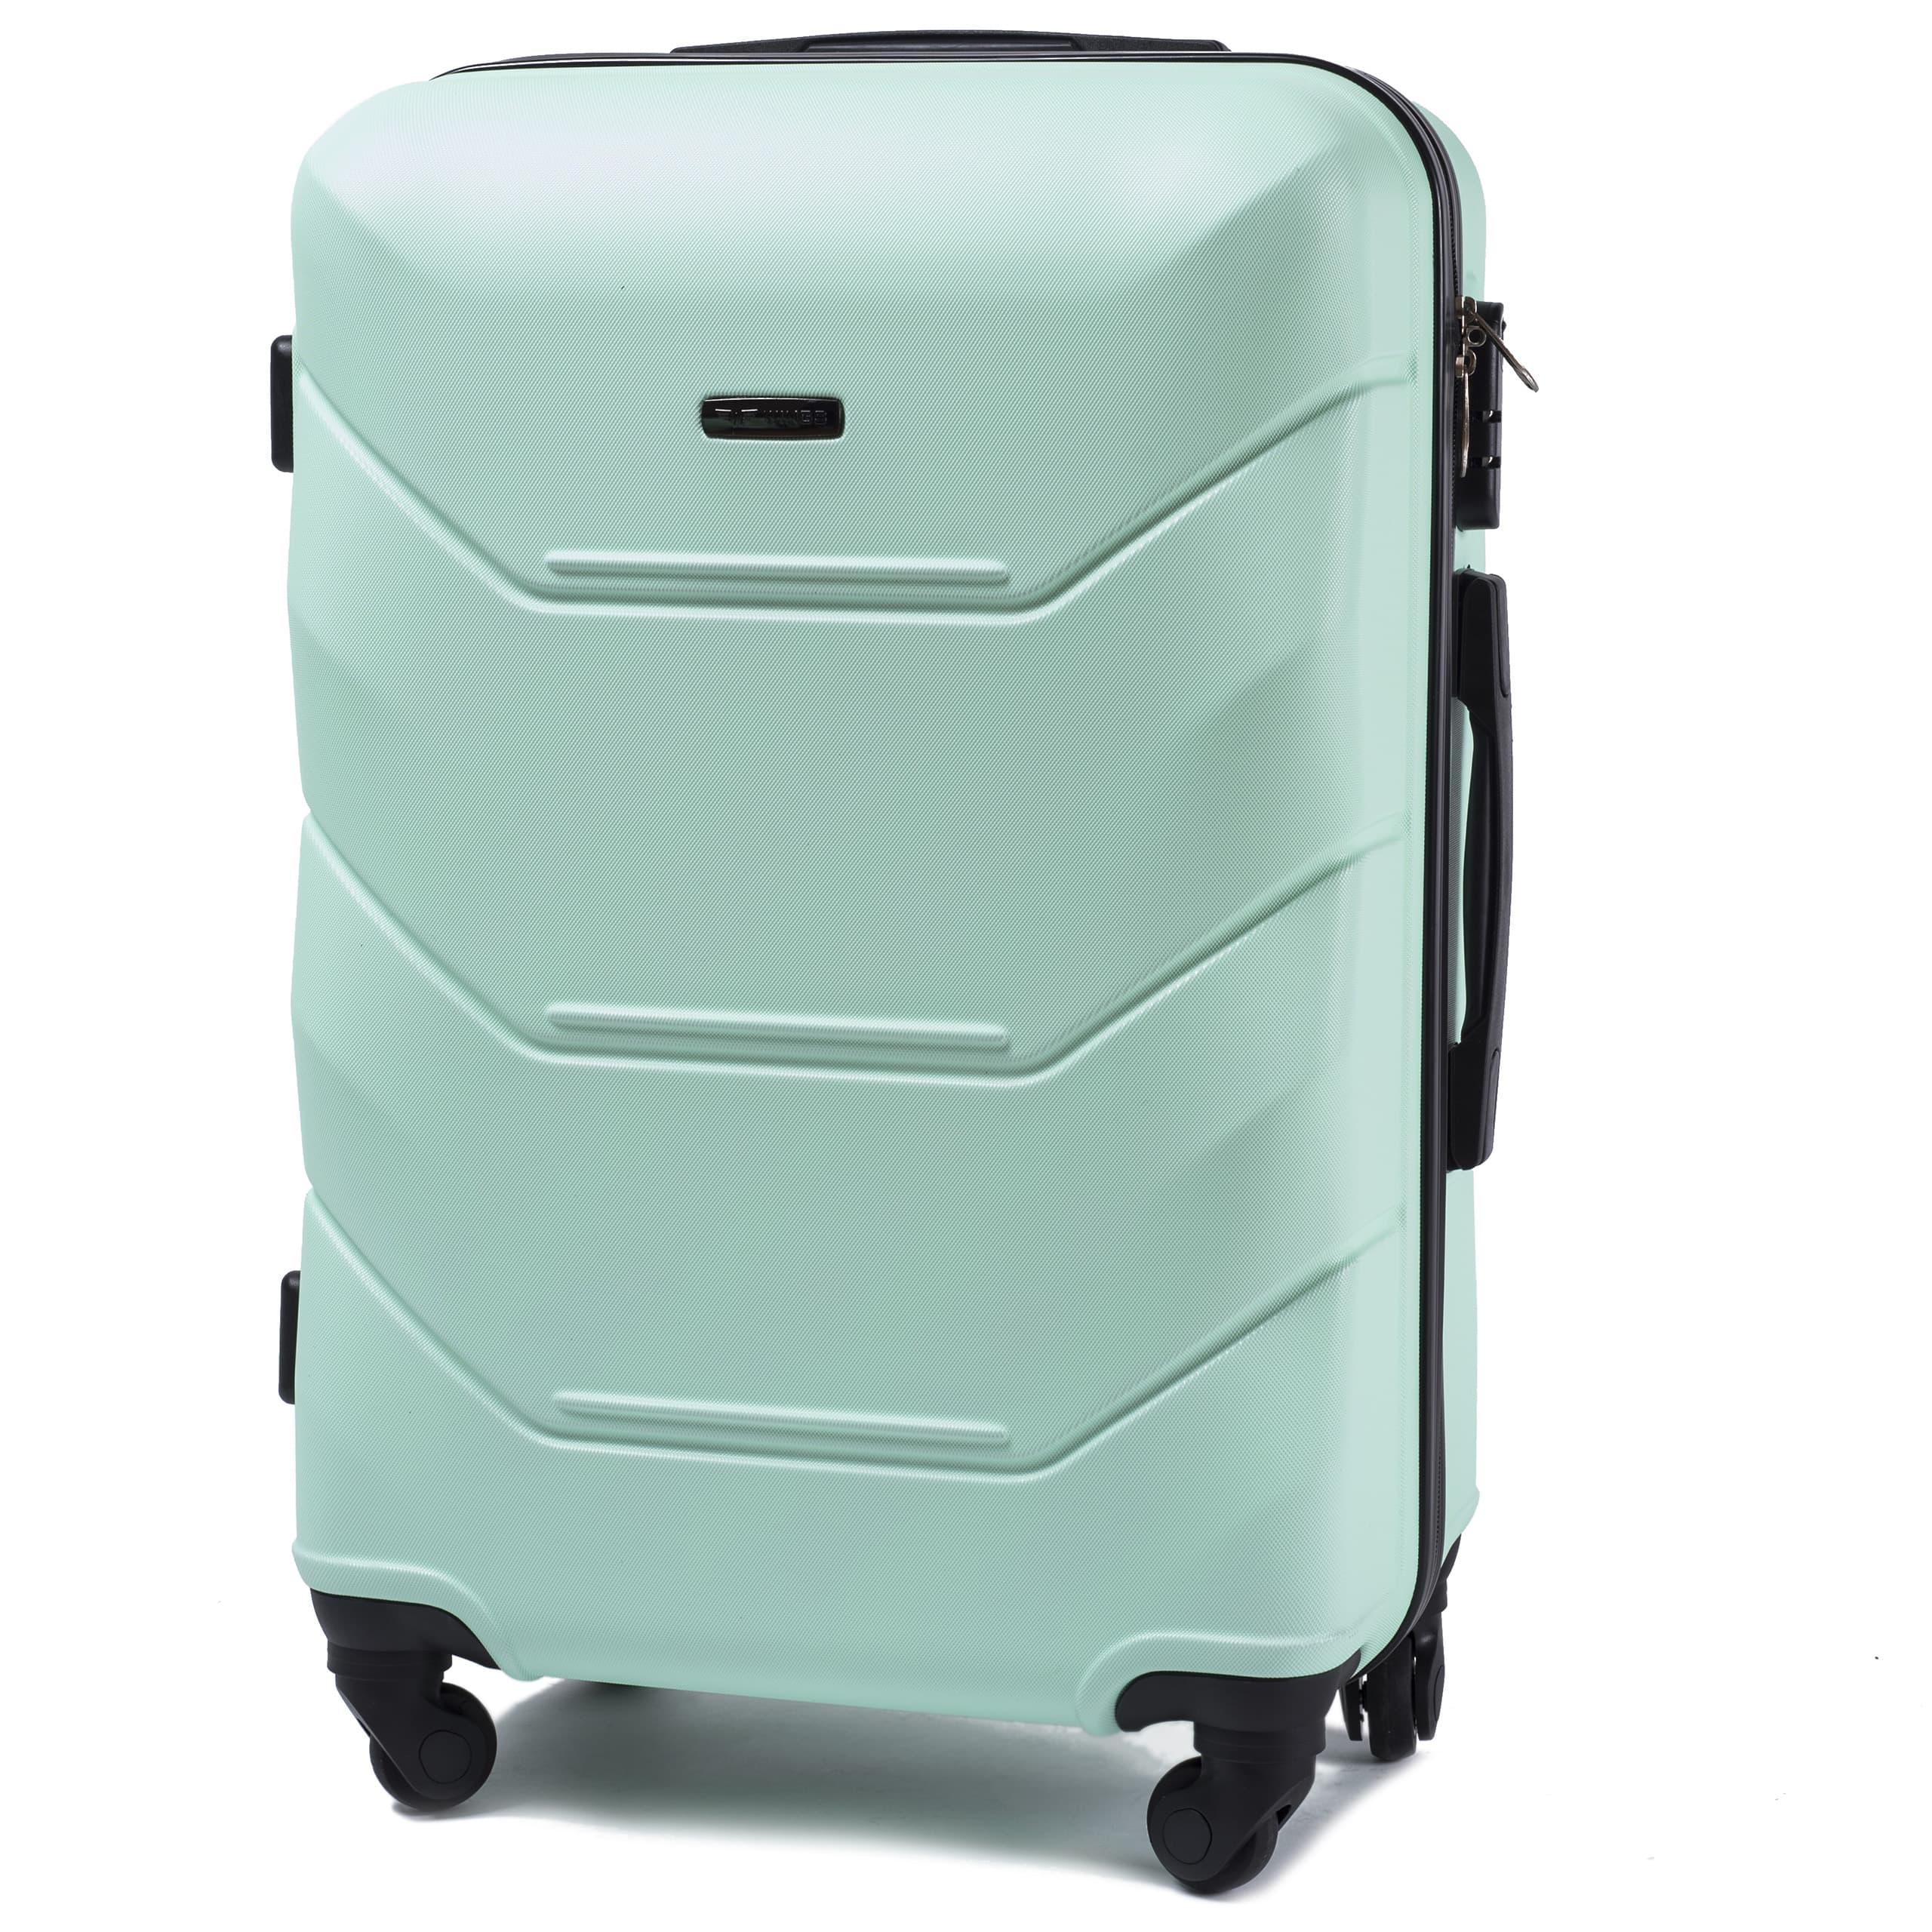 СРЕДНИЙ ЧЕМОДАН WINGS 147 M Light Green PREMIUM НА 4-Х КАУЧУКОВЫХ КОЛЕСАХ! Для багажа ,до 18 кг